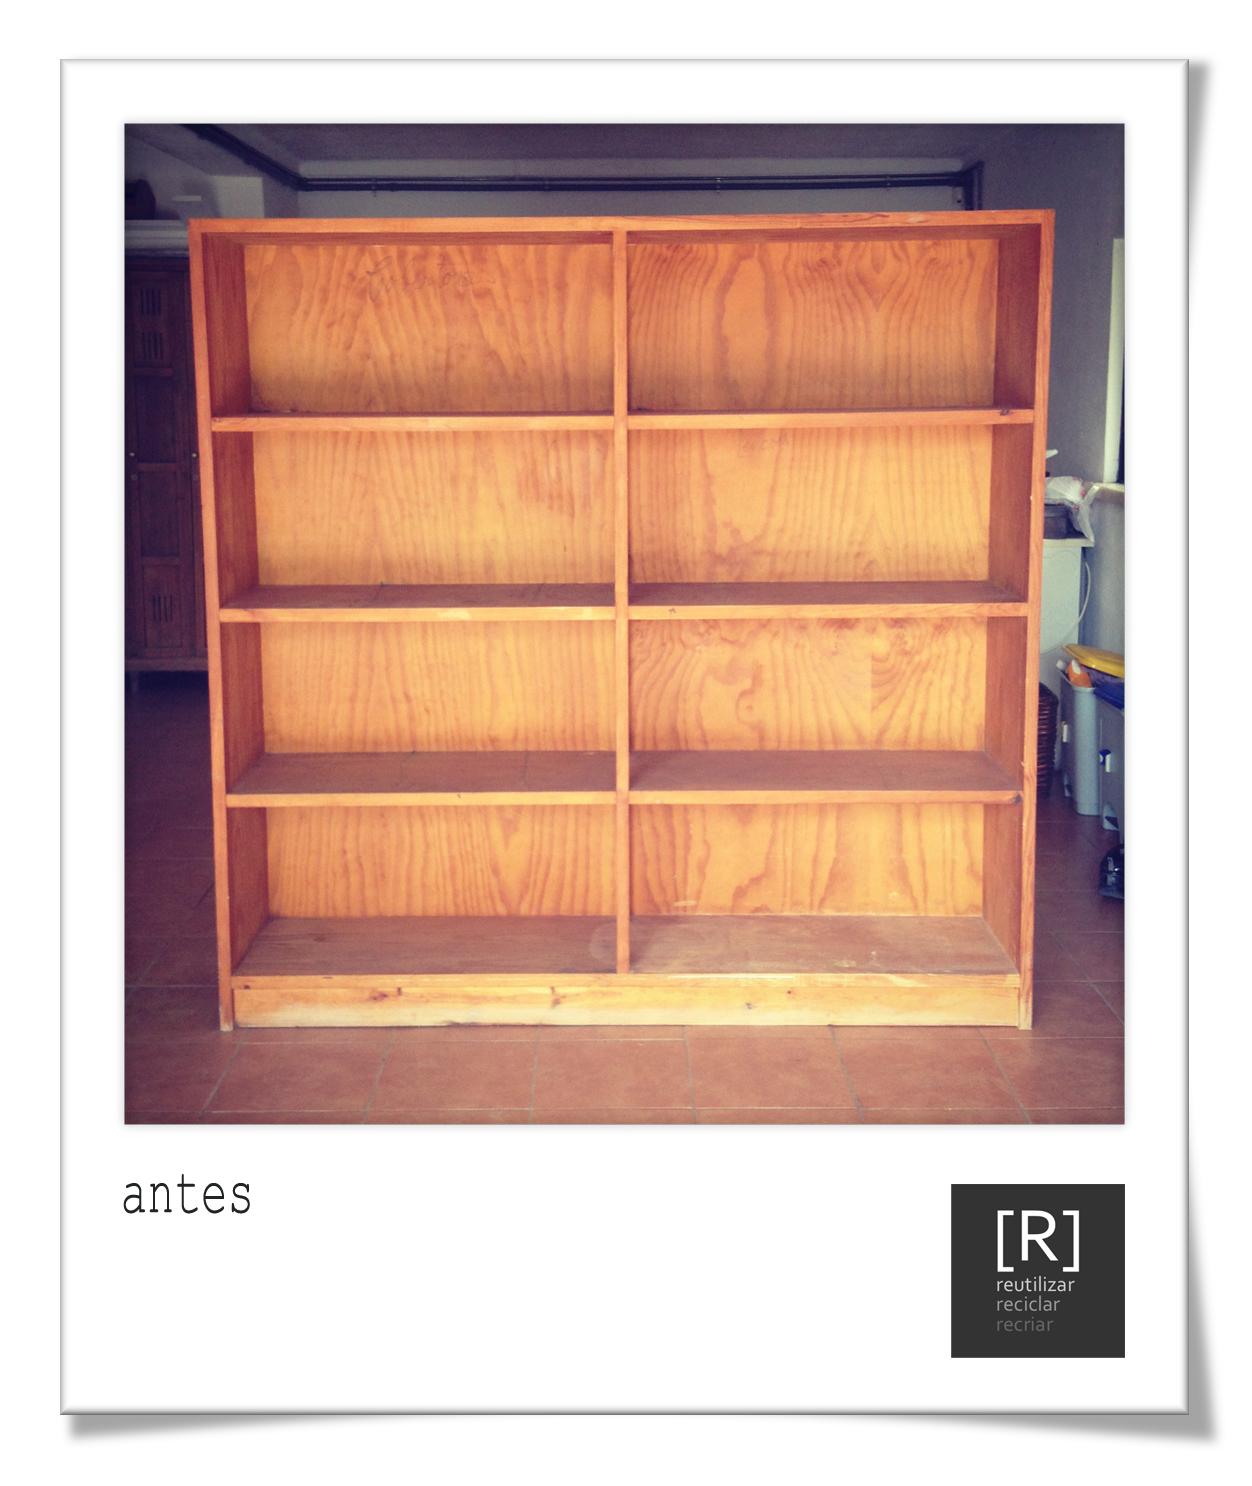 de uma estante em madeira que por se encontrar em boas condições de  #BE6C0D 1252x1486